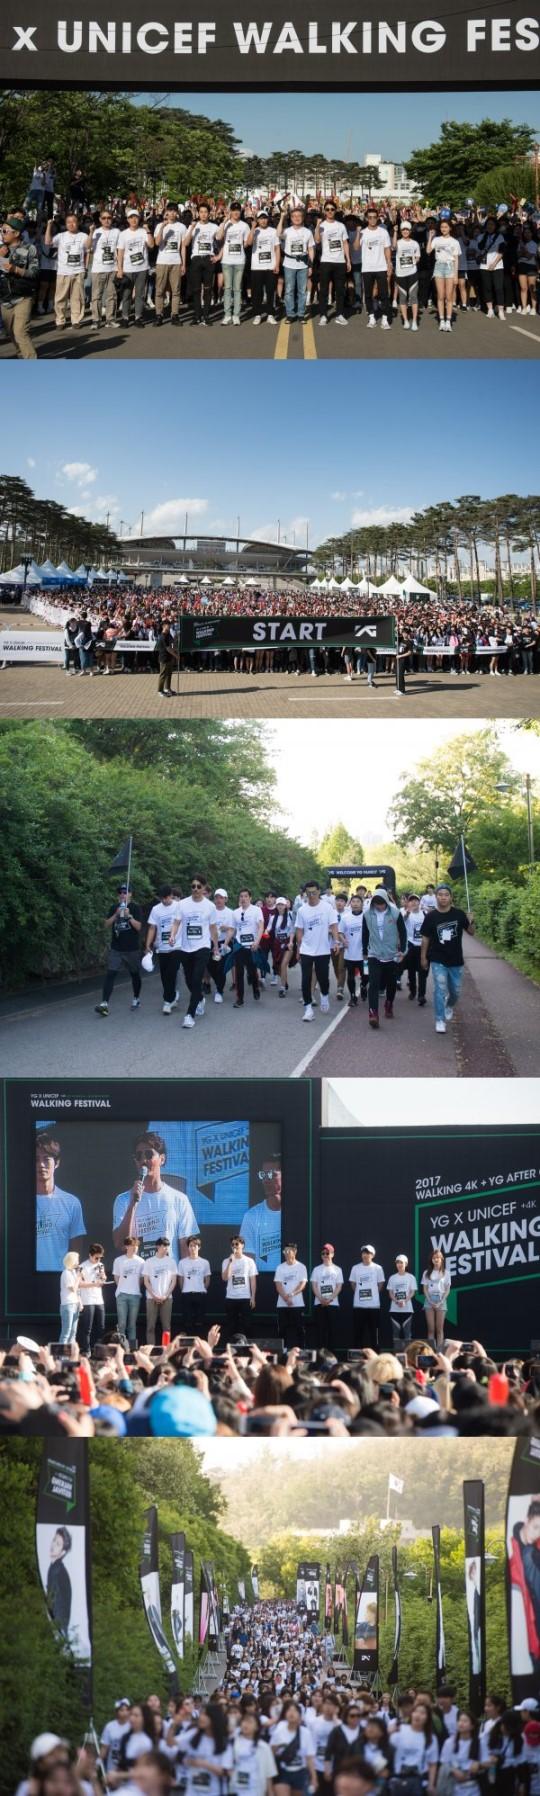 170515 yg x unicef walking festival_1